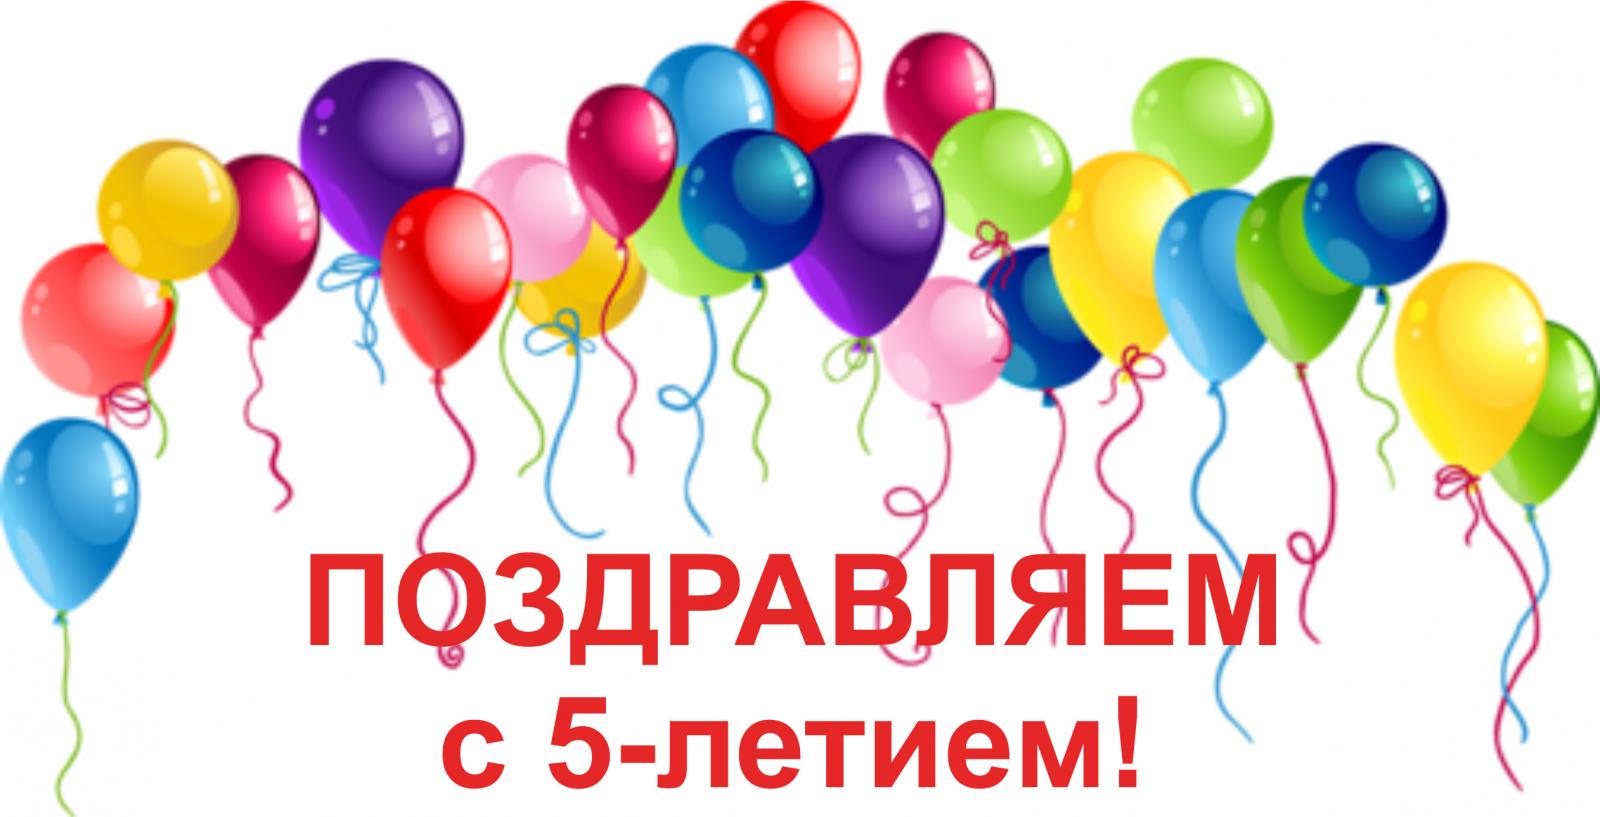 Поздравление с днем рождения 5 лет мальчику картинки родителям, картинка